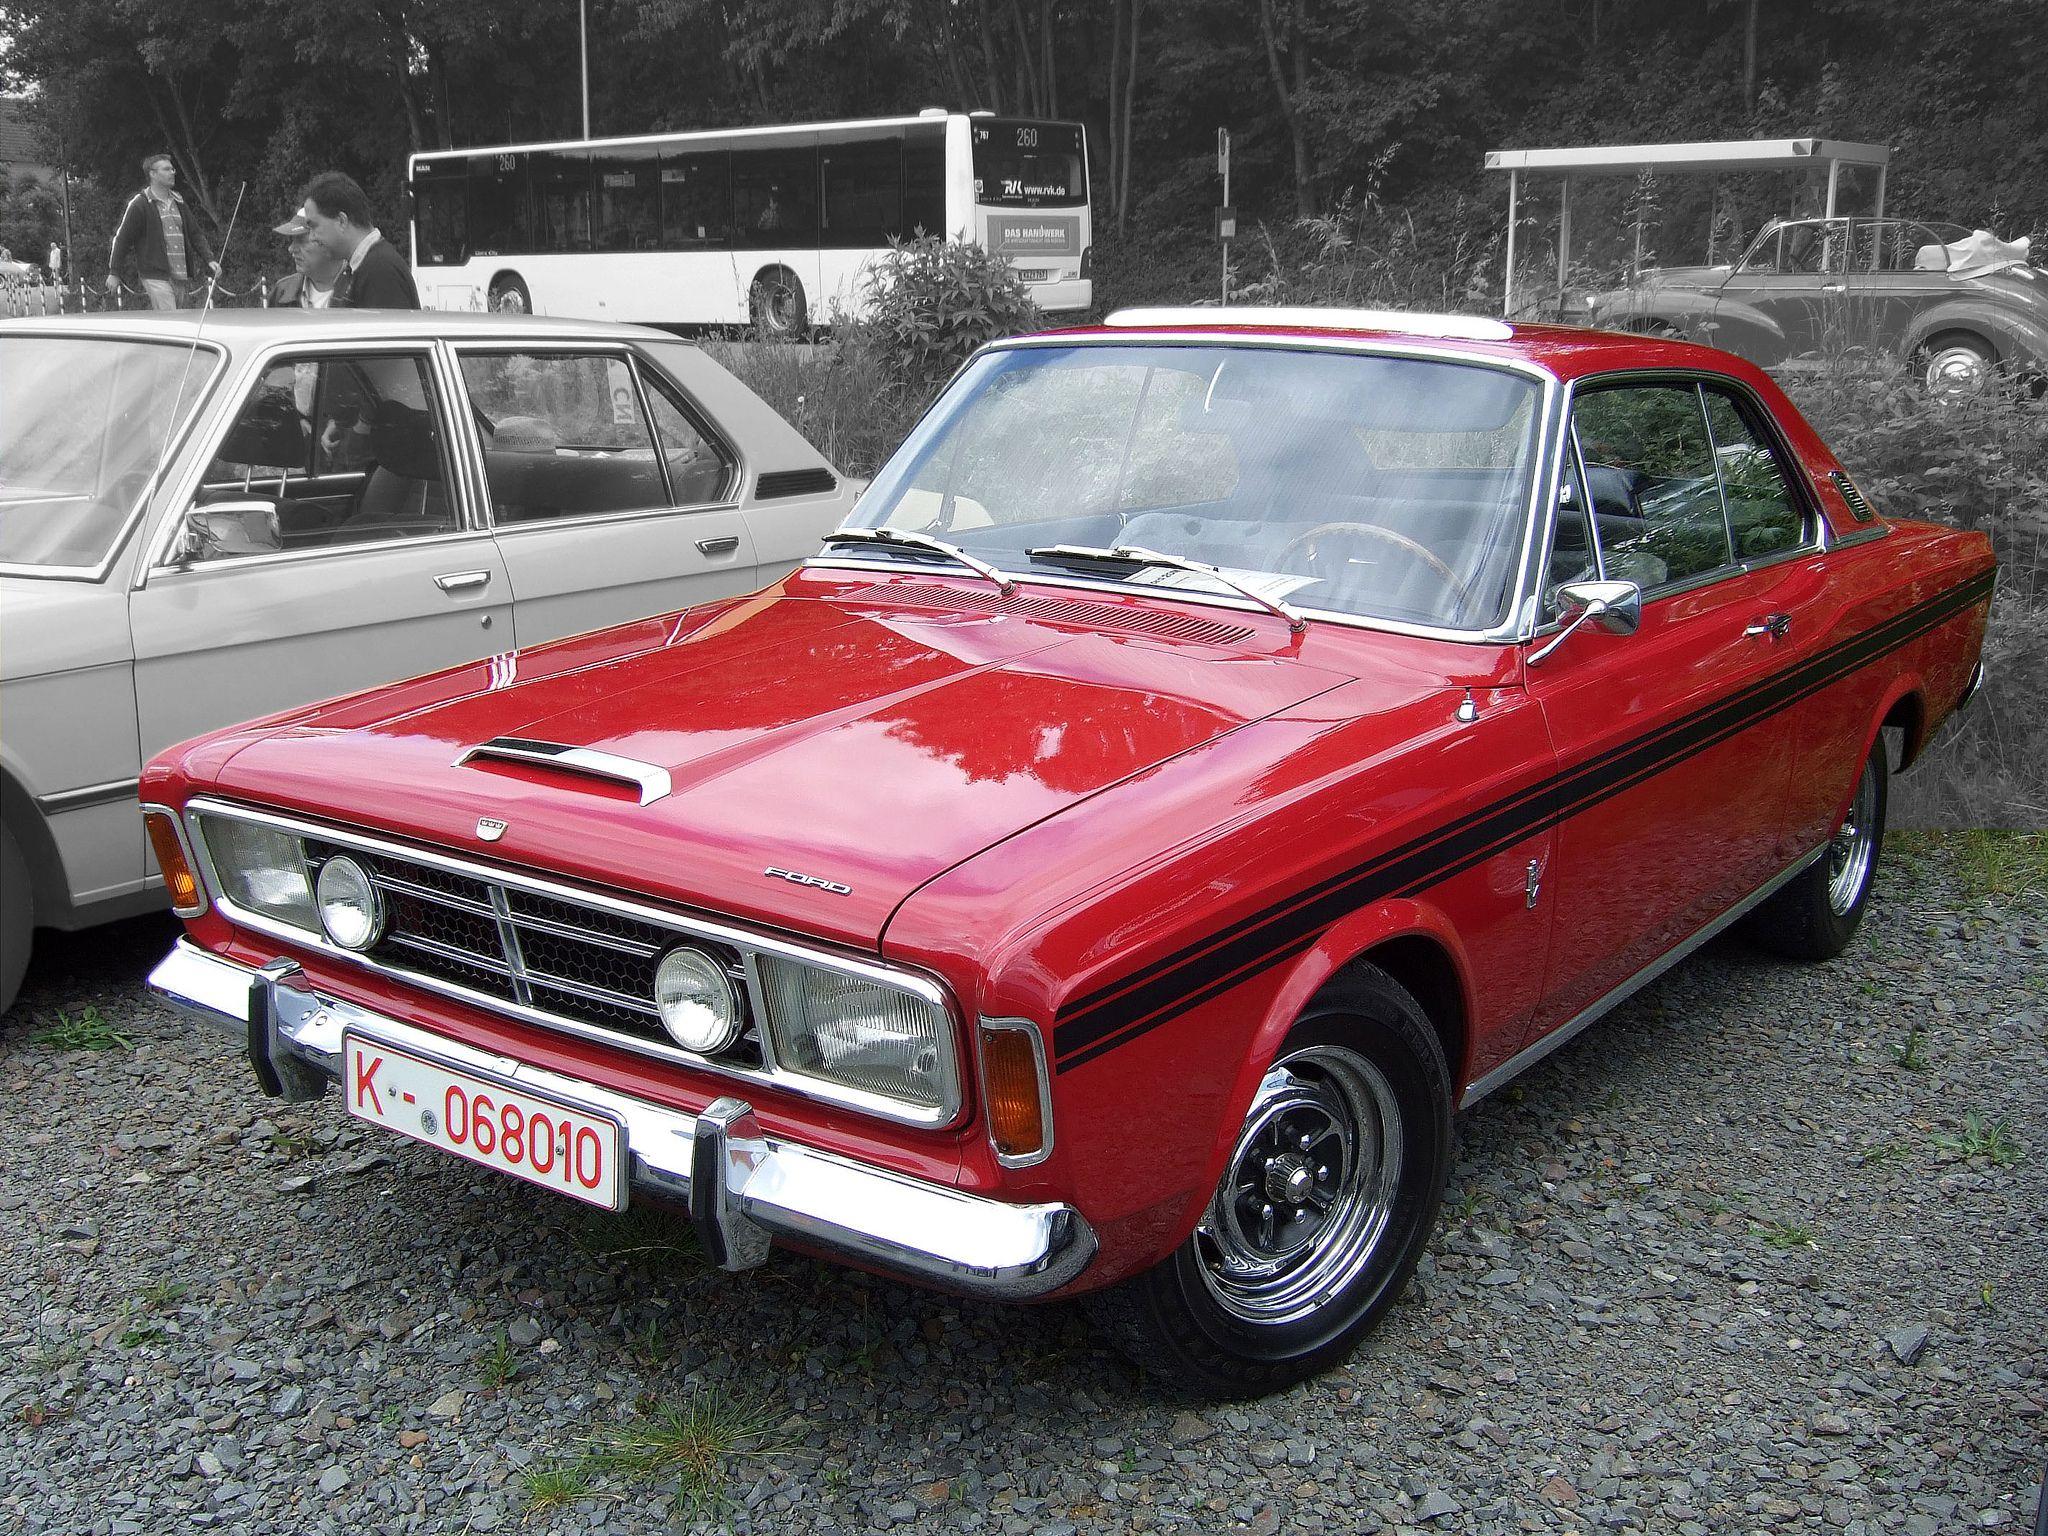 Ford 20m Rs 2300 Coupe P7a 1967 68 Deutsche Autos Oldtimer Schone Autos